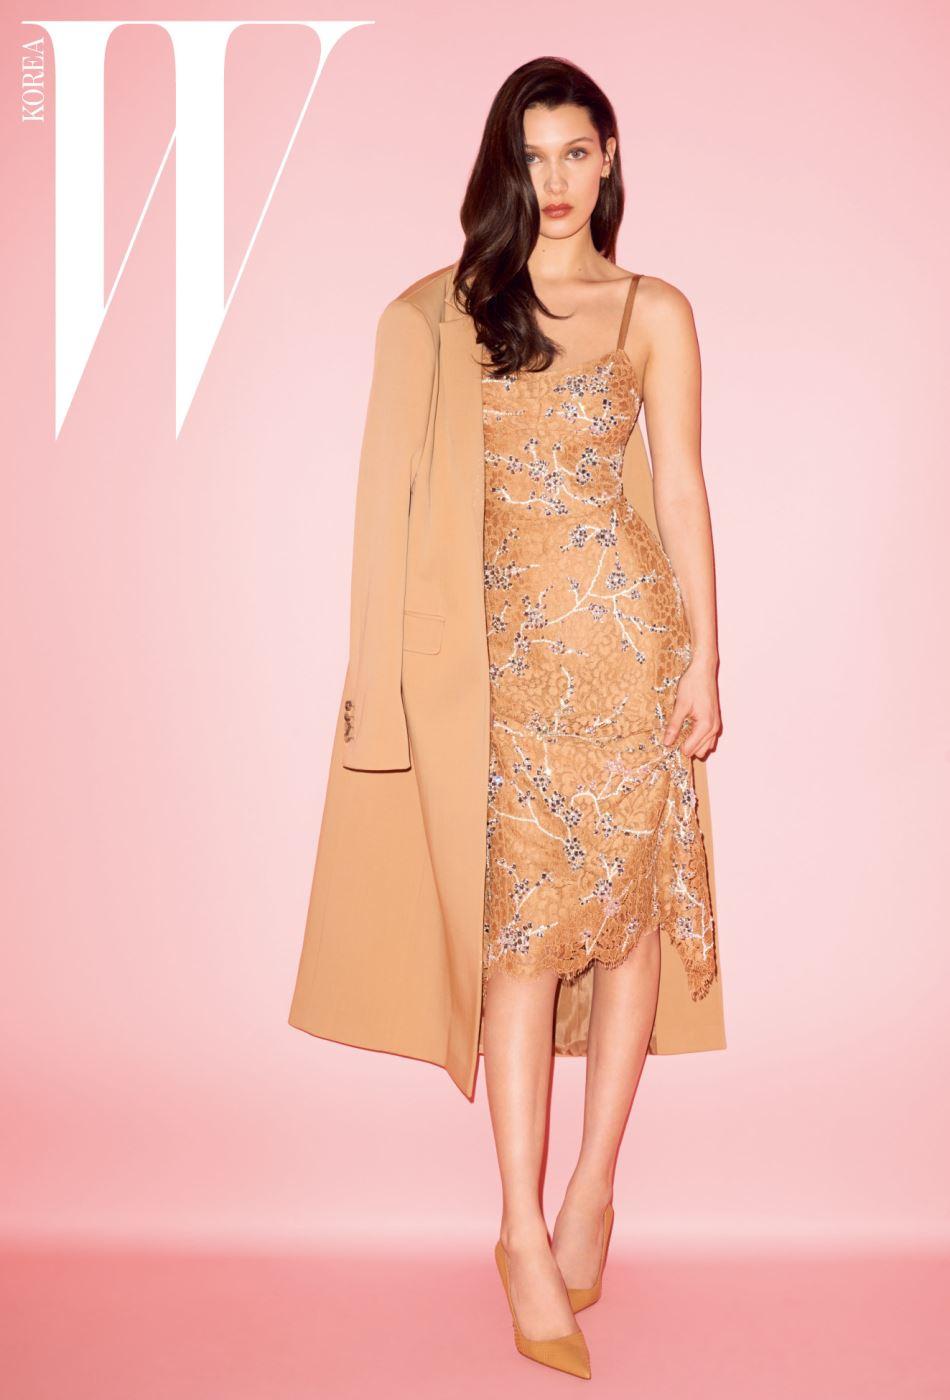 베이지색 울 코트와 크리스털 장식 레이스 드레스, 베이지색 스틸레토는 모두 Michael Kors Collection Trans 16 제품.